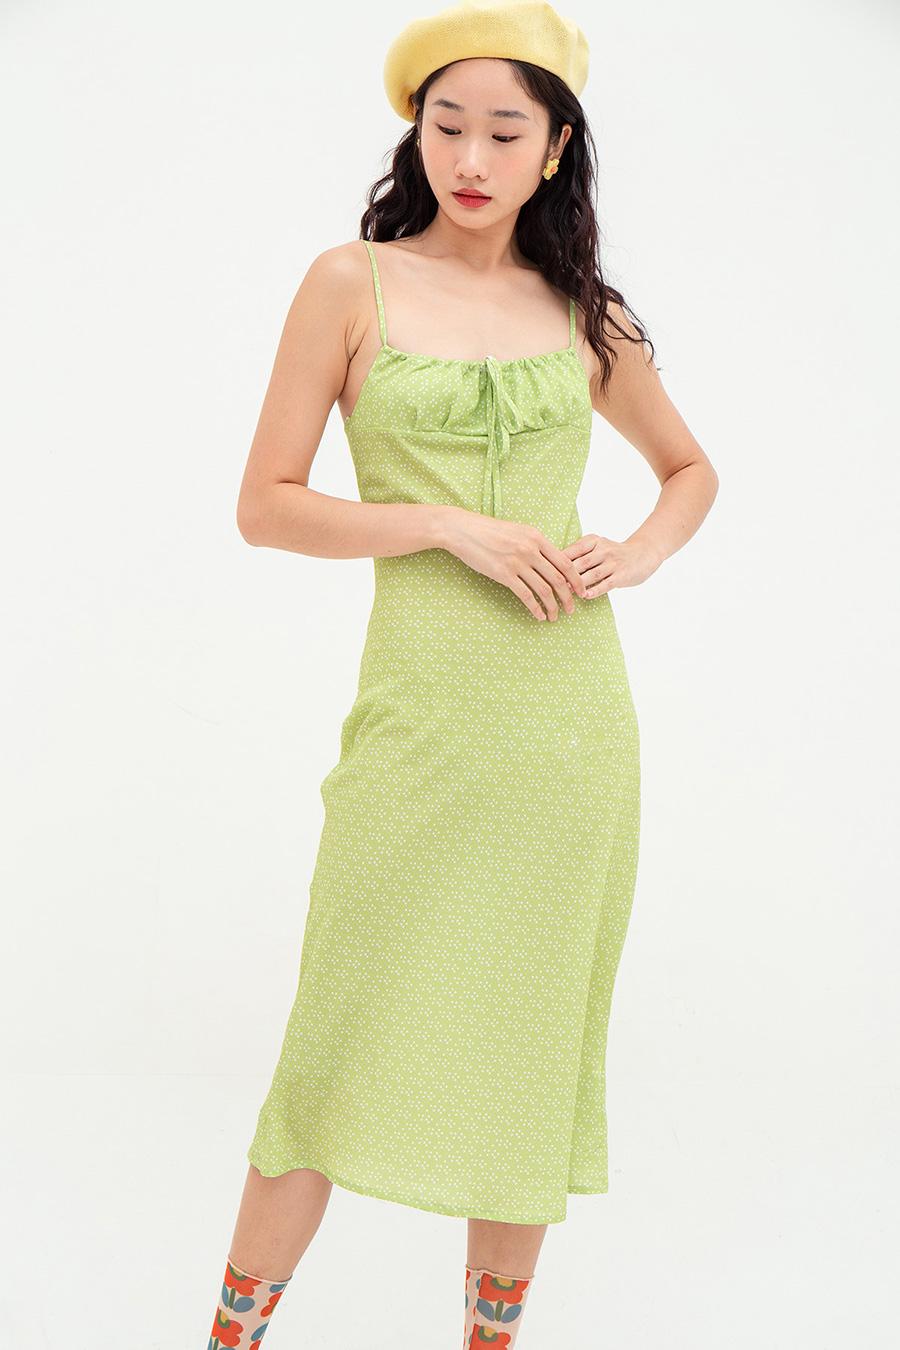 MANON DRESS - LIME DOTTY